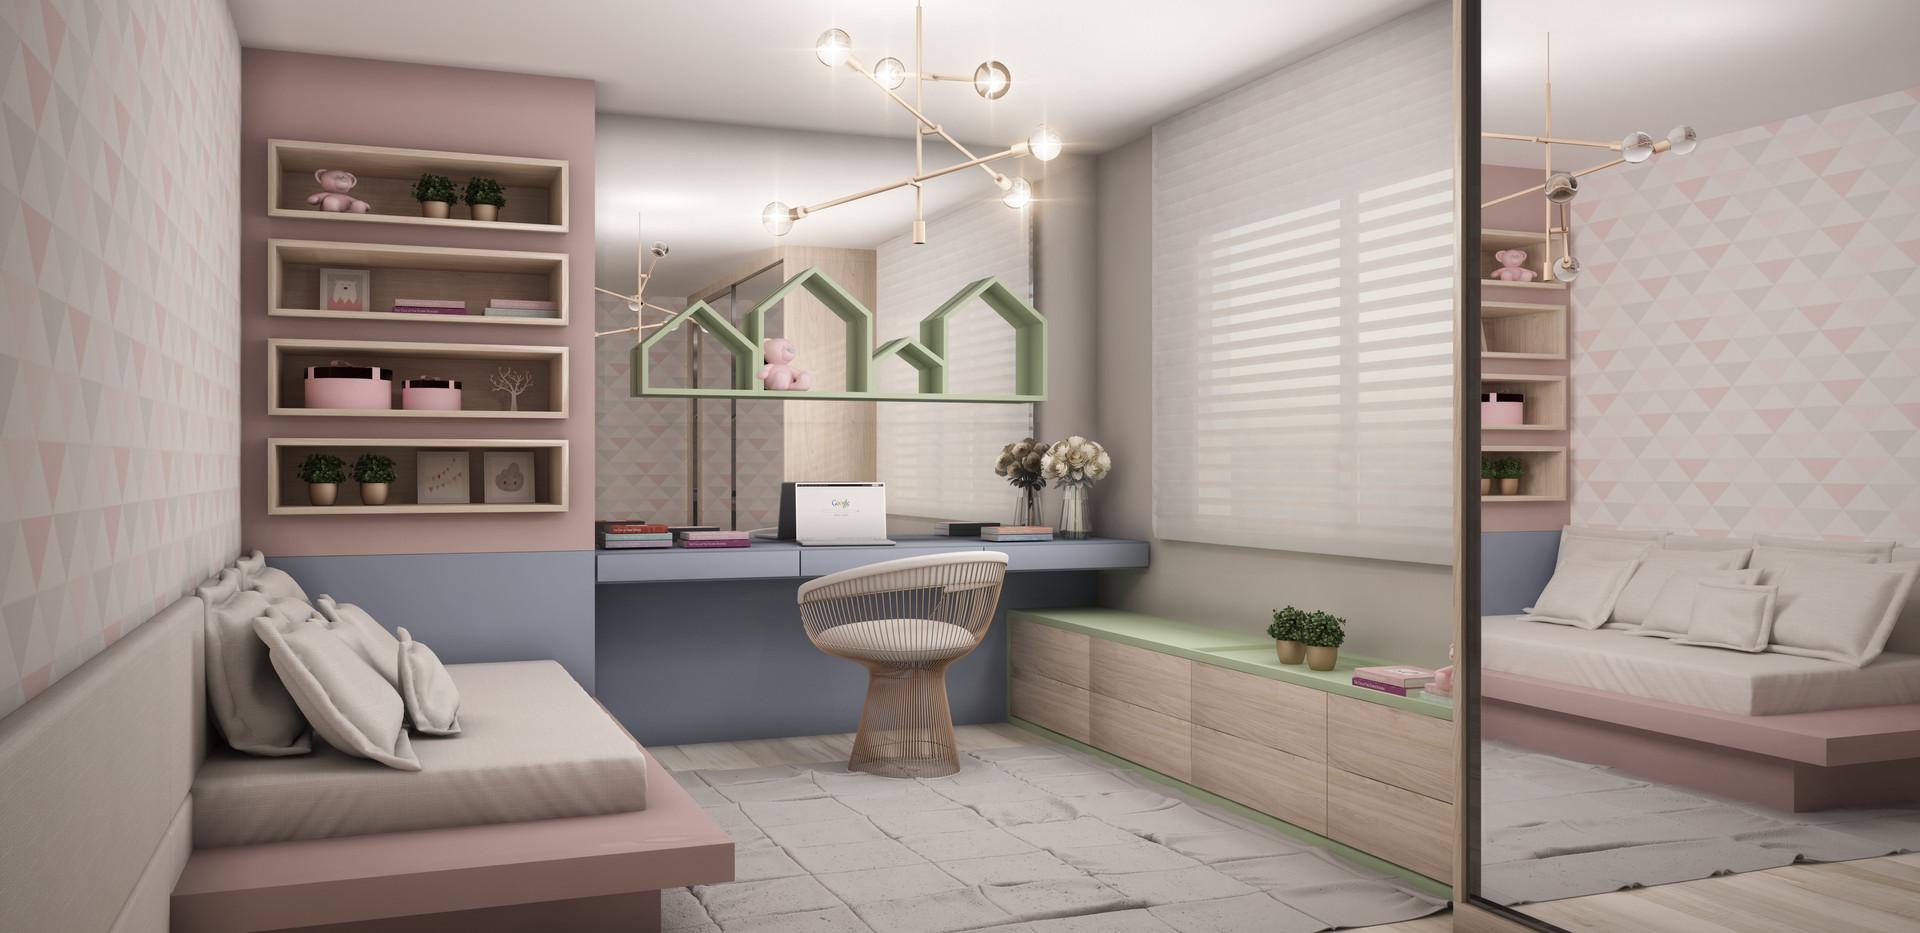 DOR03_dormitorio_menina_planejado_planej